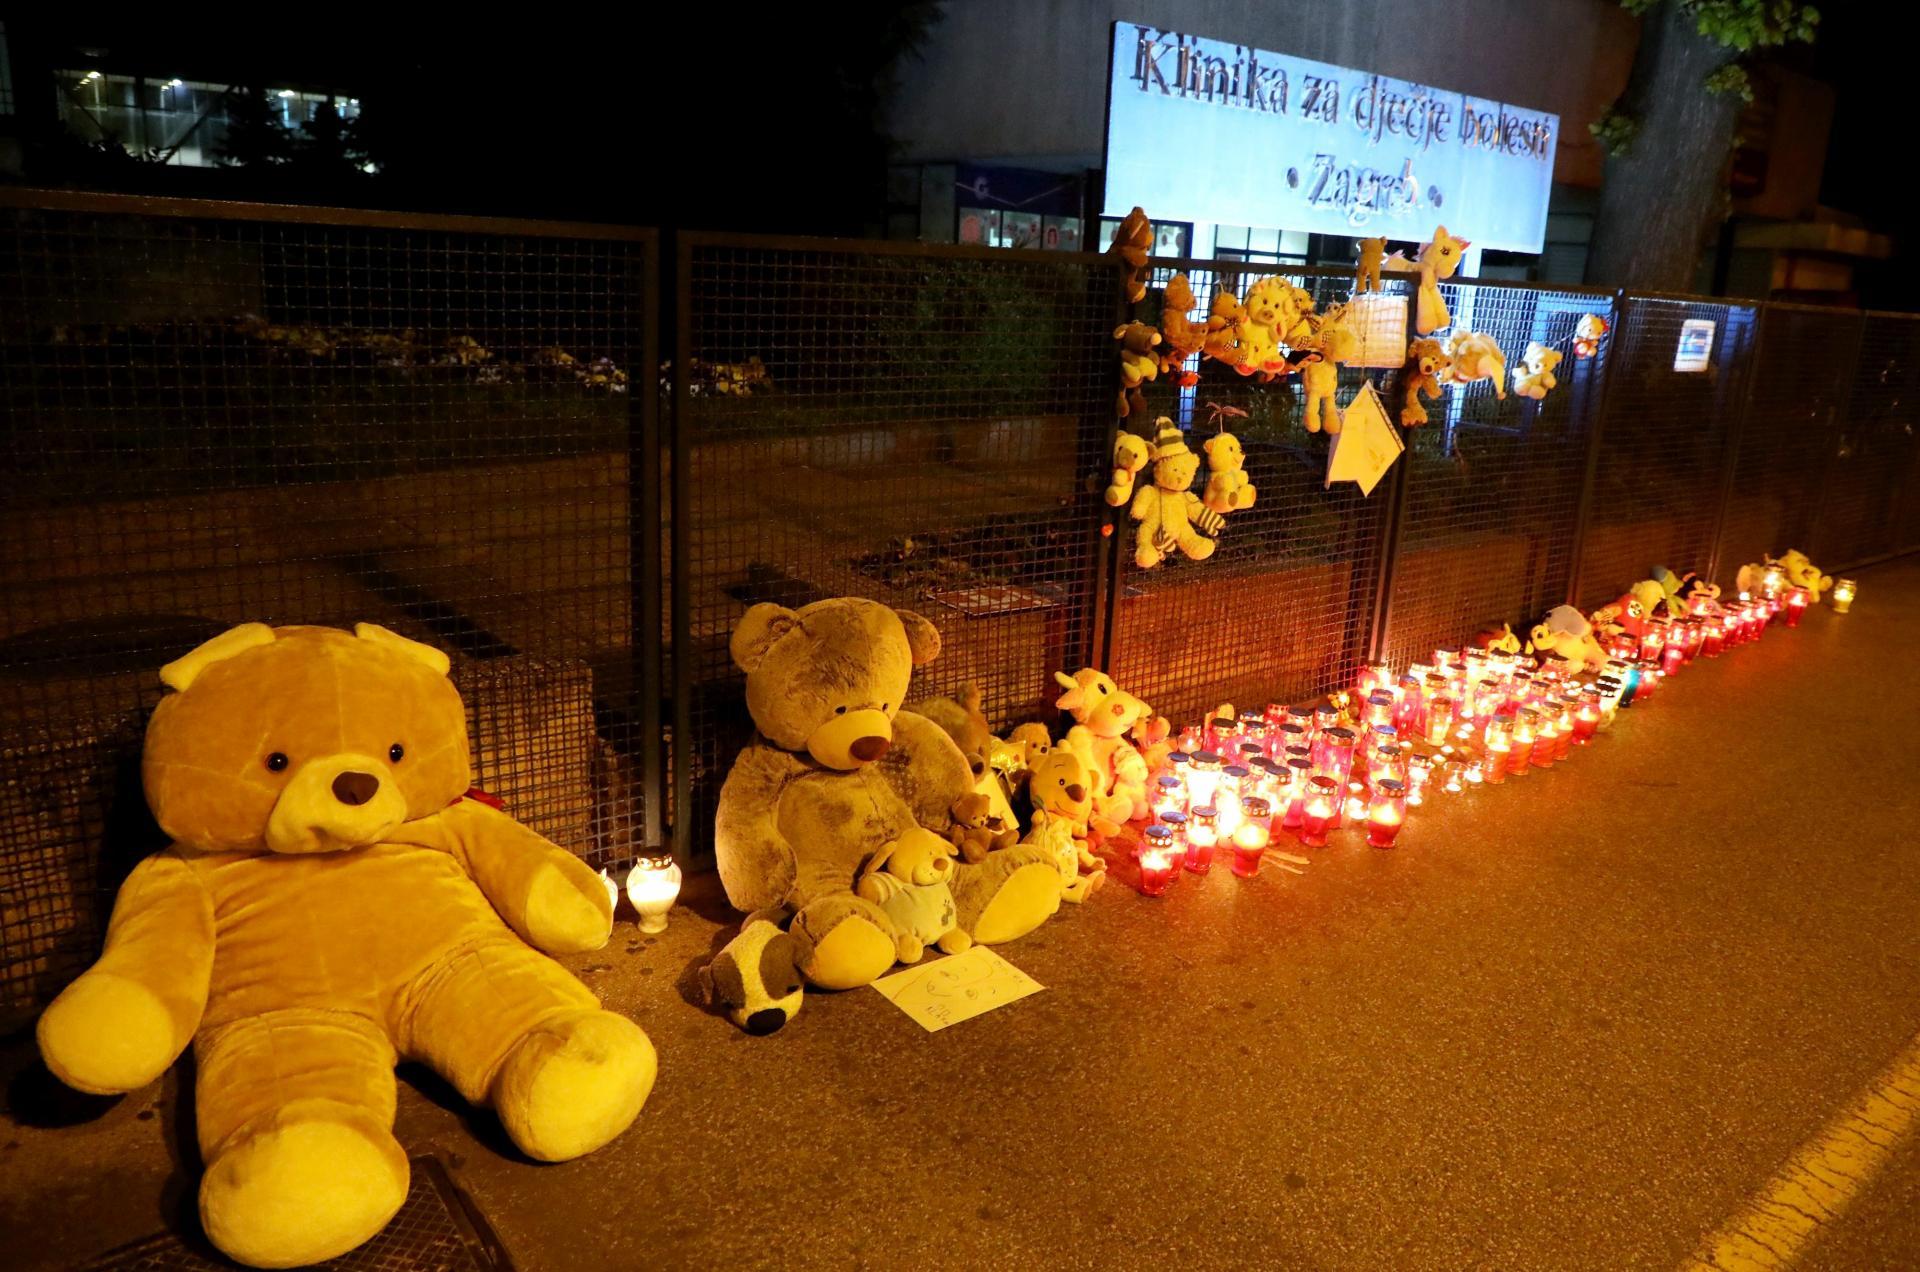 Κροατία: Σοκάρει ο θάνατος δίχρονου κοριτσιού, ρίχνει φως στις ανεπάρκειες του κρατικού μηχανισμού